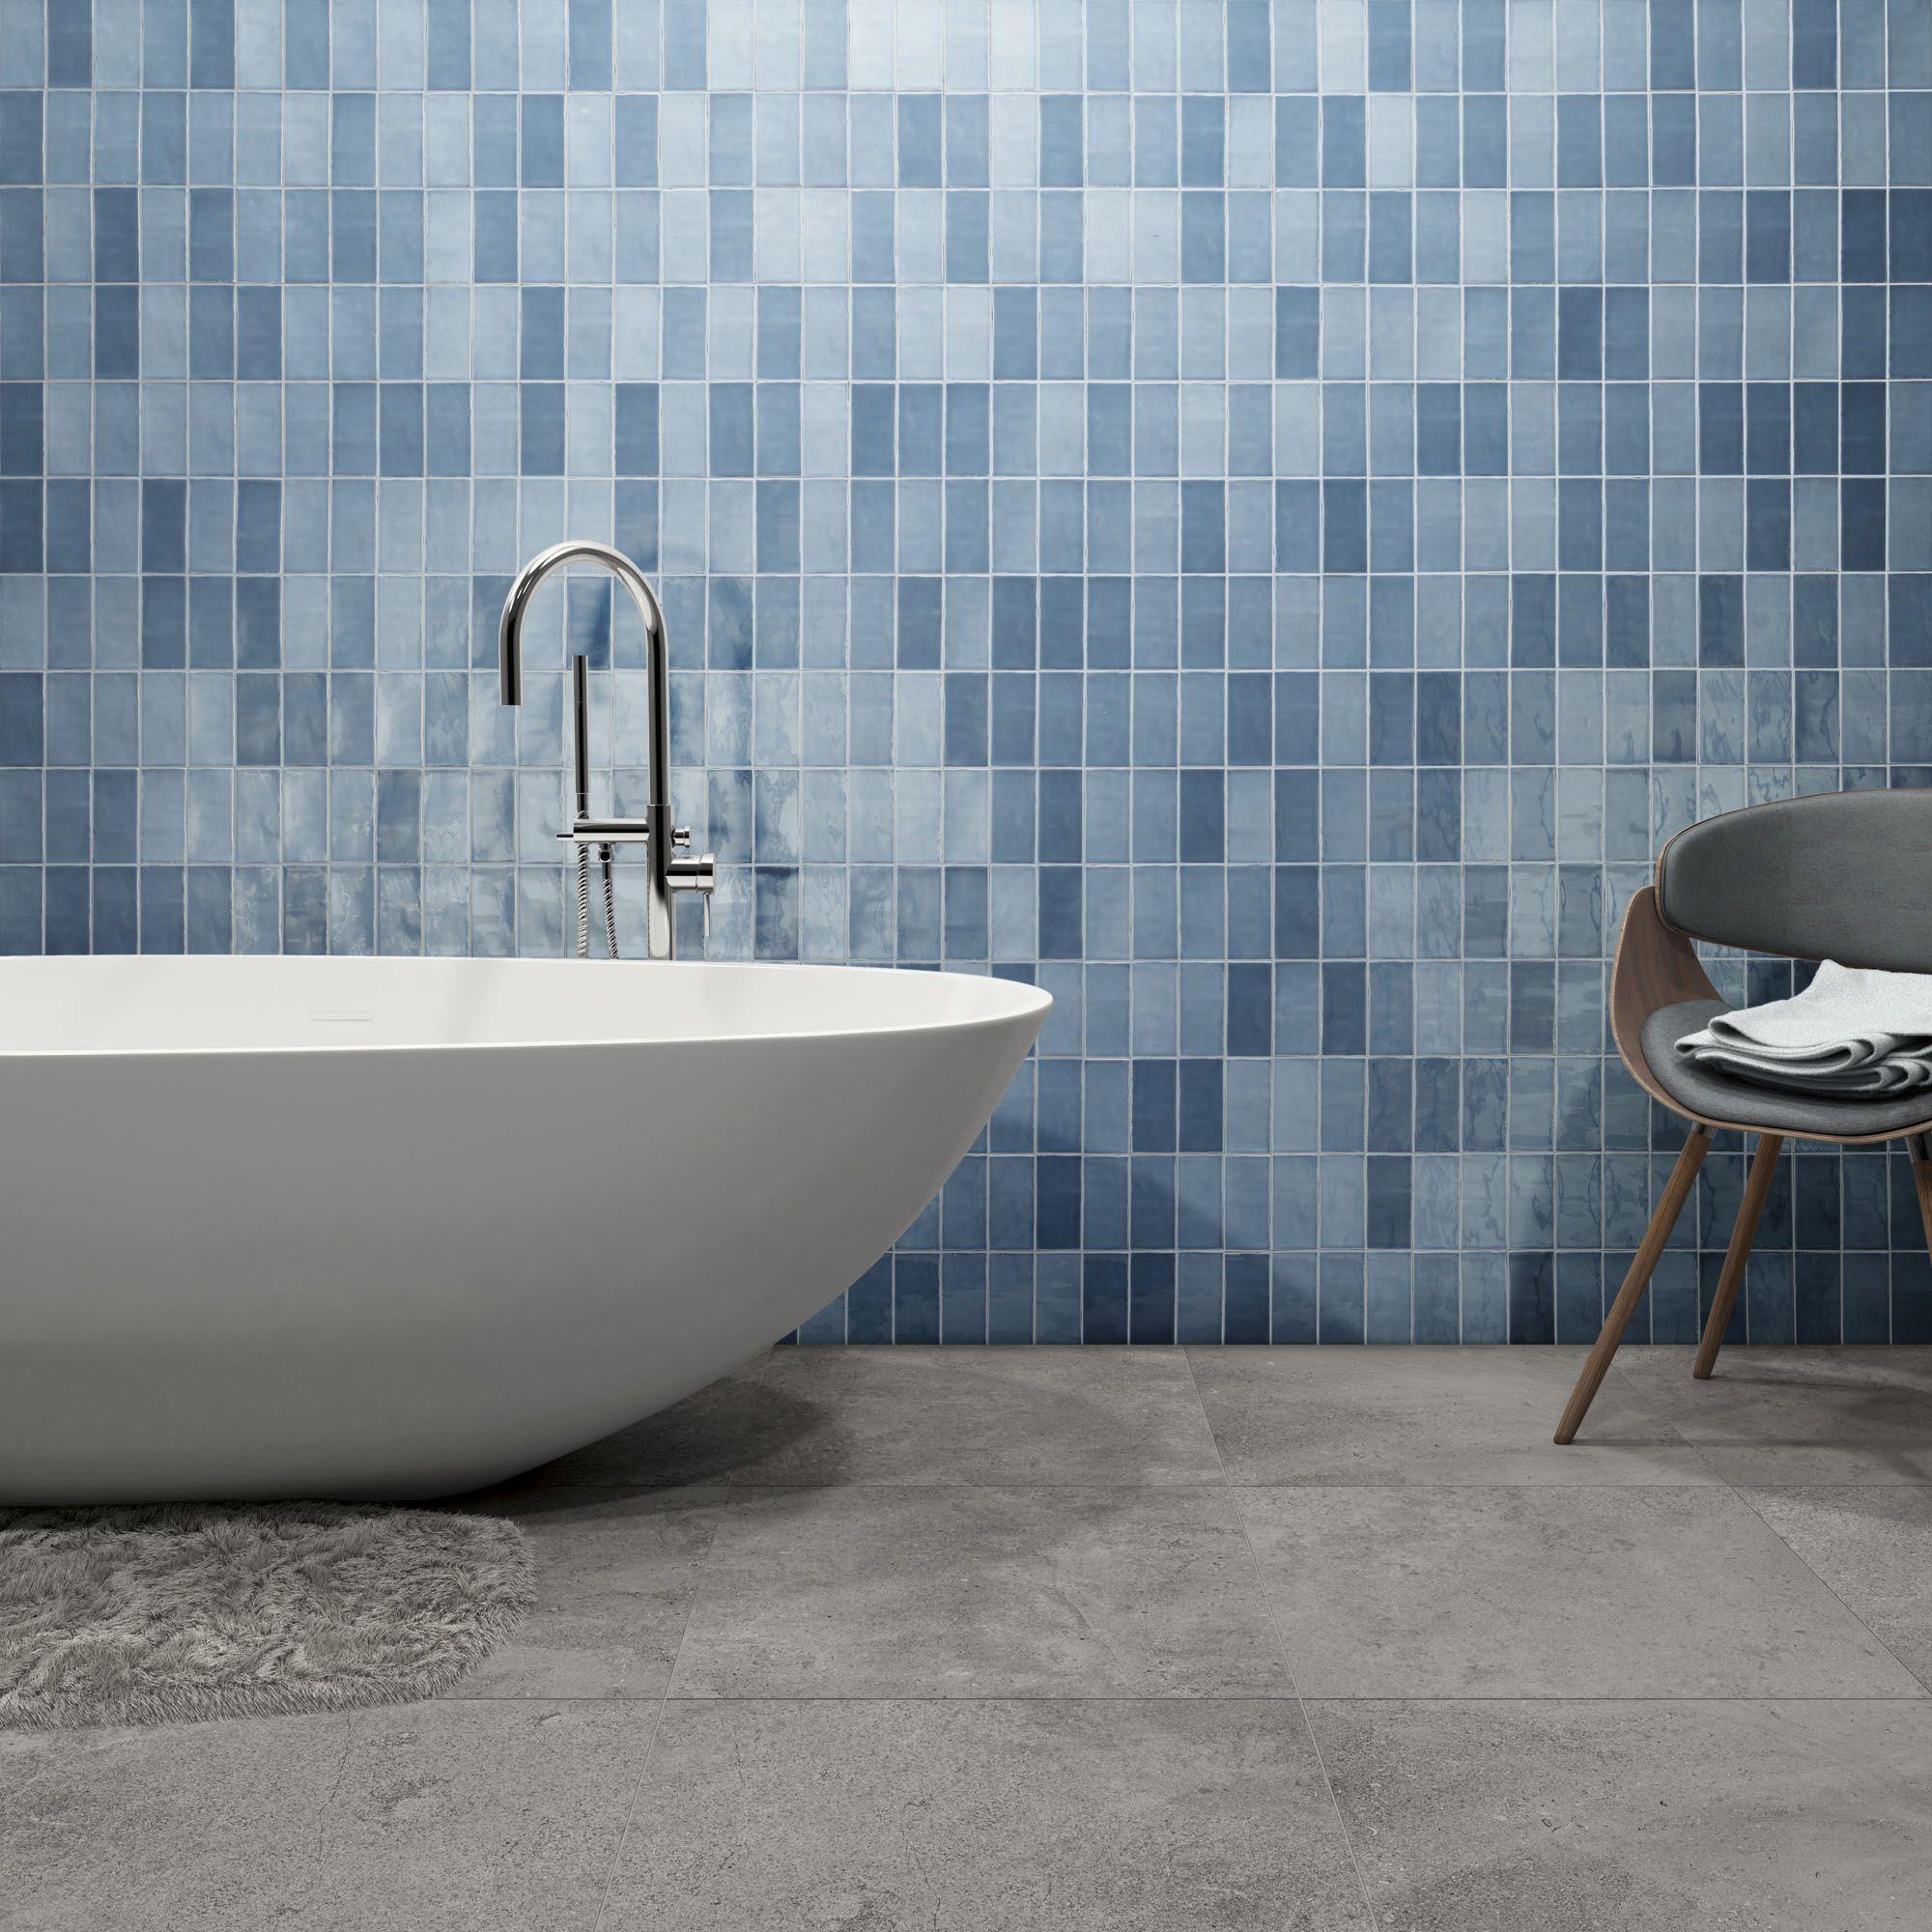 New Zellige Jade Wall Tiles In 2020 Tile Design Bespoke Bathroom Luxury Design